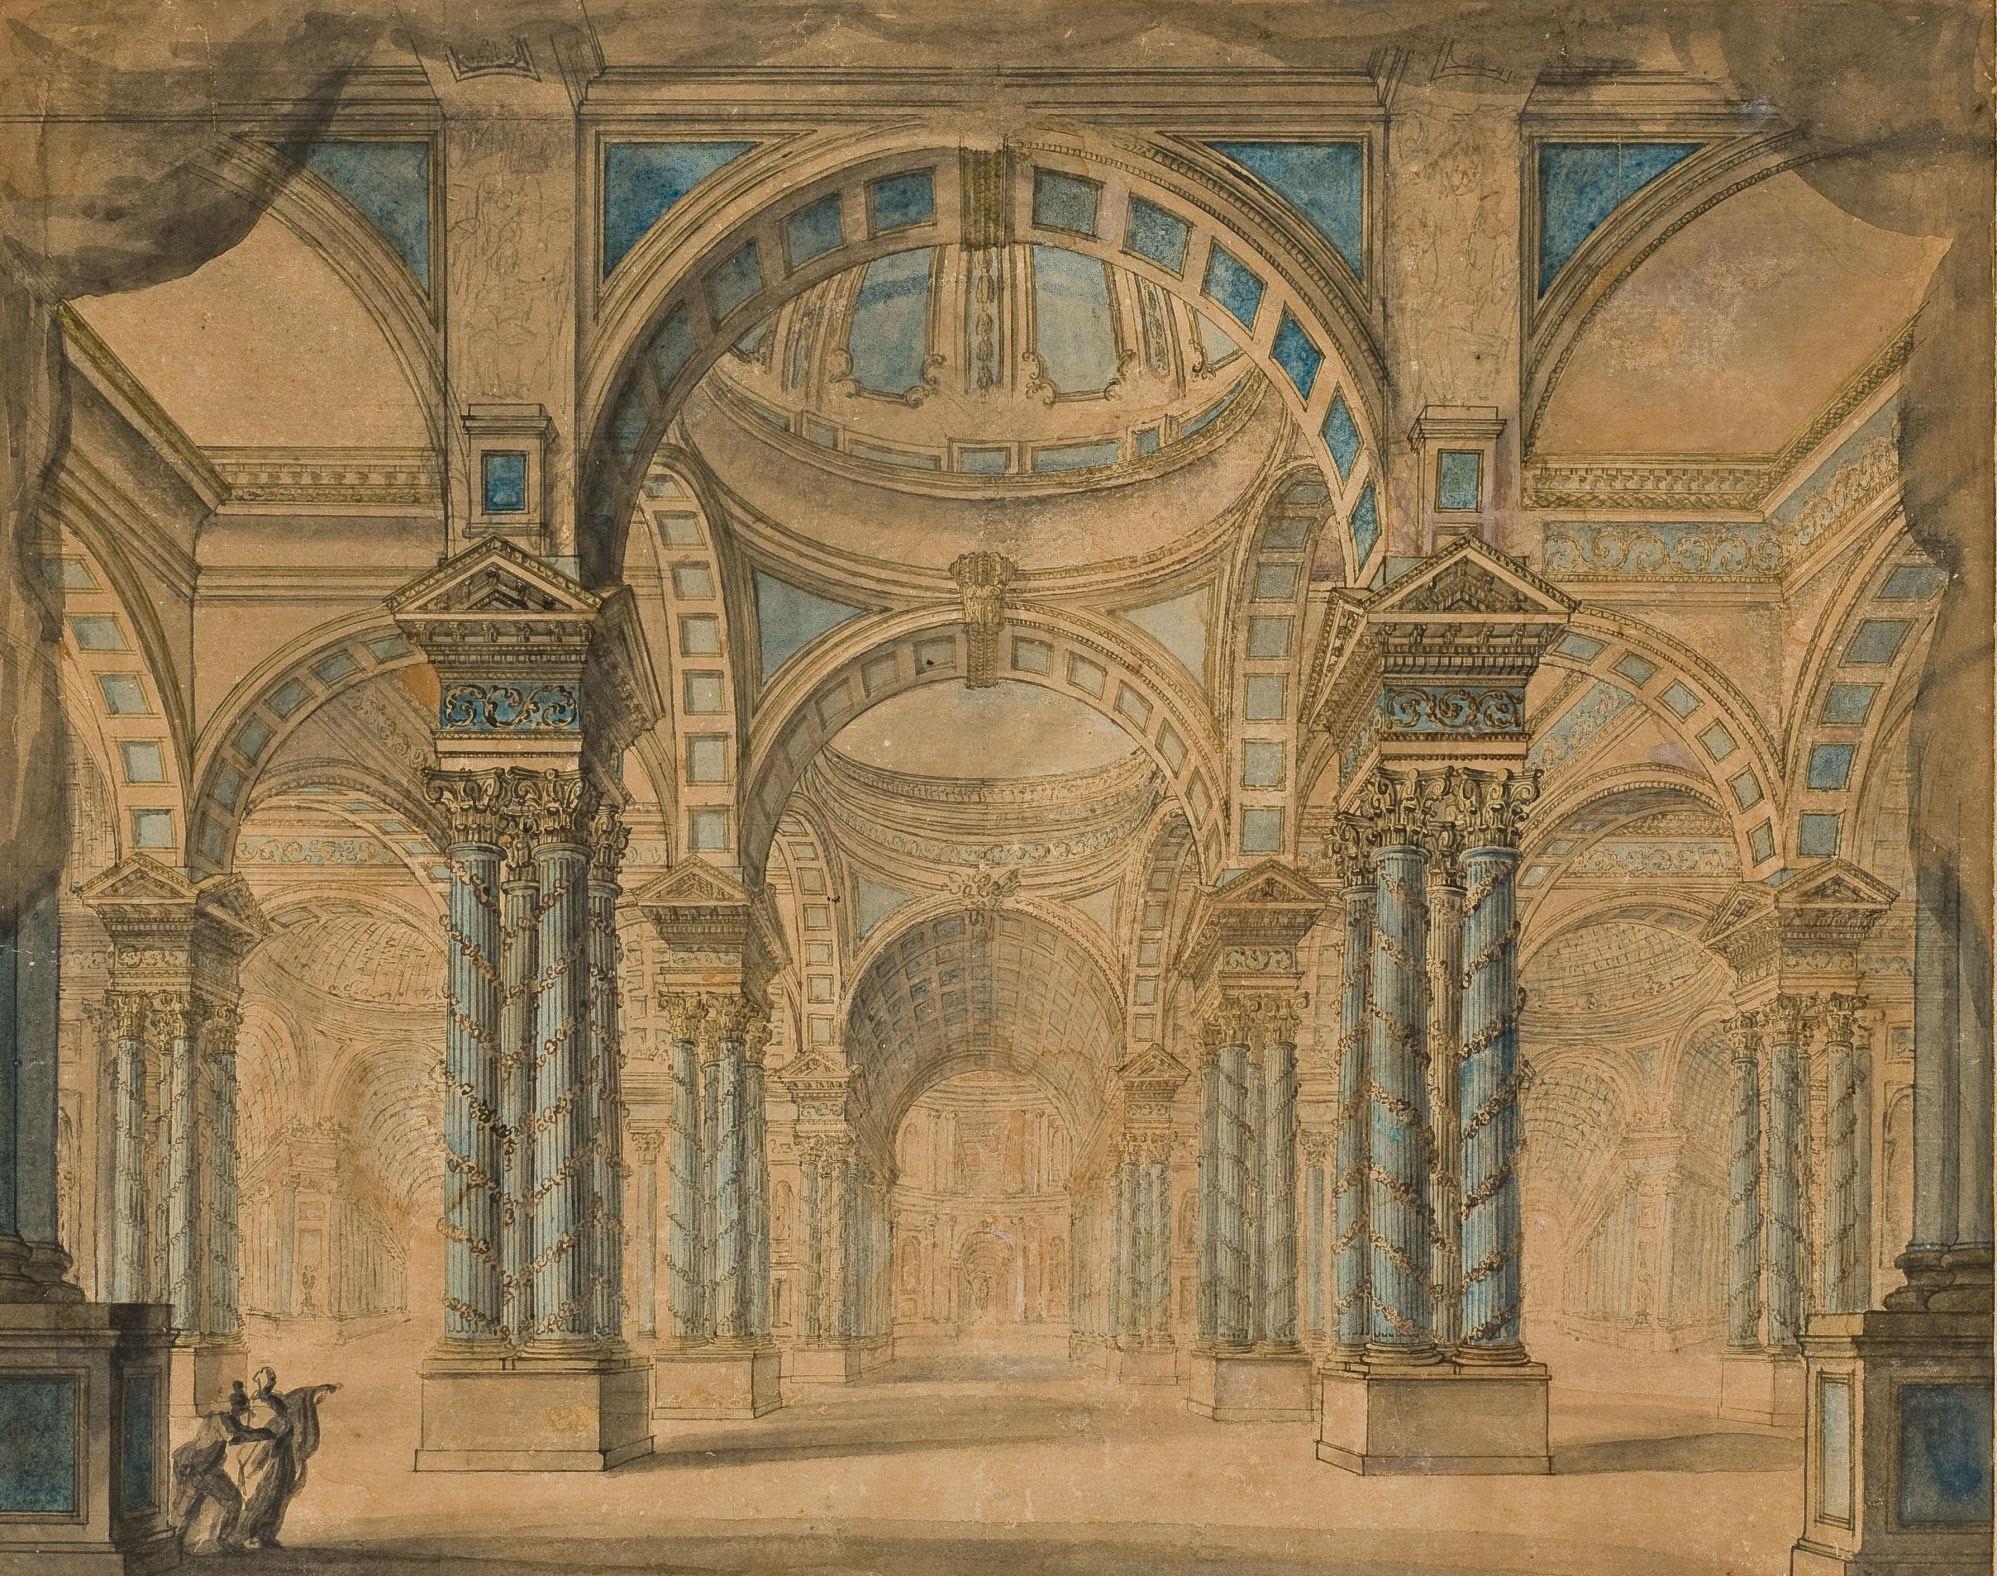 Enfilade de colonnes corinthiennes surmontées de pendentifs et de coupoles